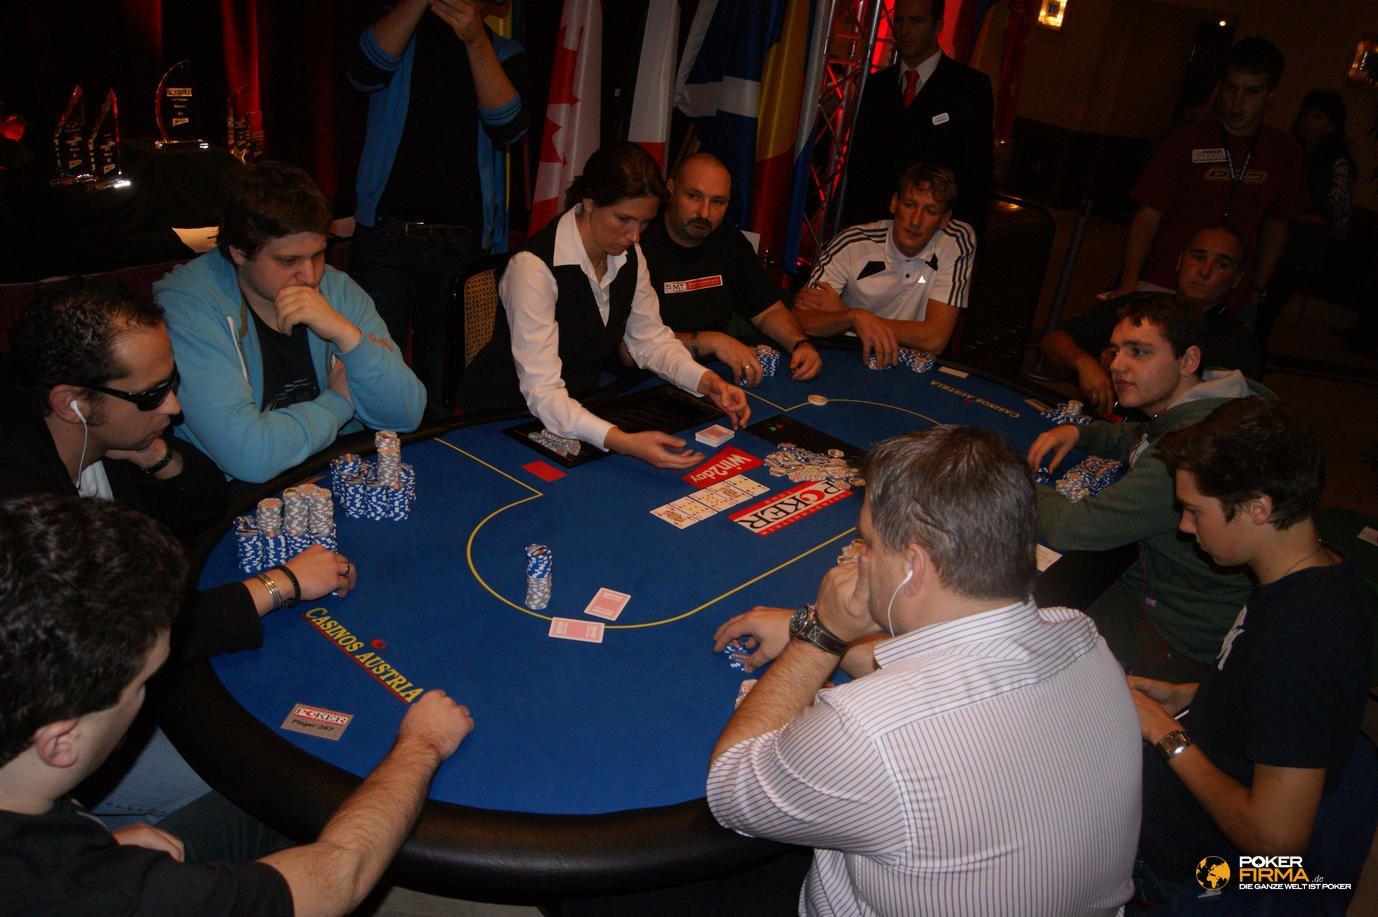 Poker_EM_2000_NLH_FT_271011_DSC03283